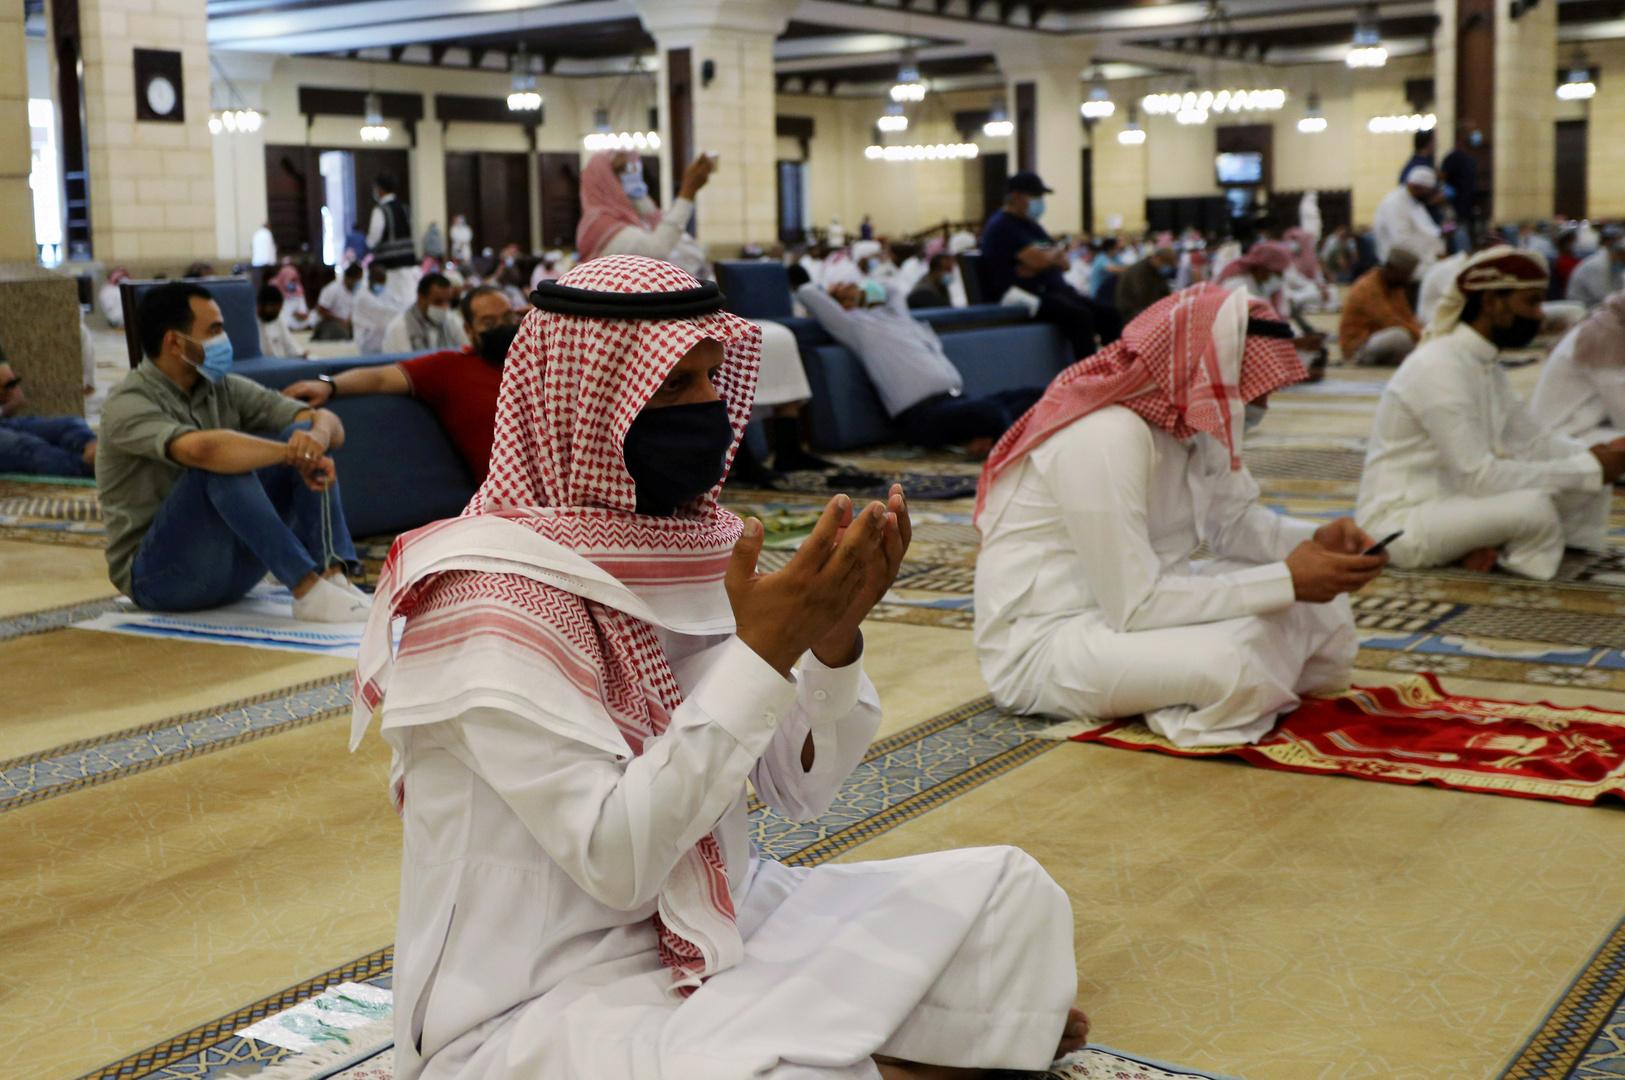 لليوم الثاني.. السعودية تسجل أقل من 3000 إصابة بكورونا خلال 24 ساعة